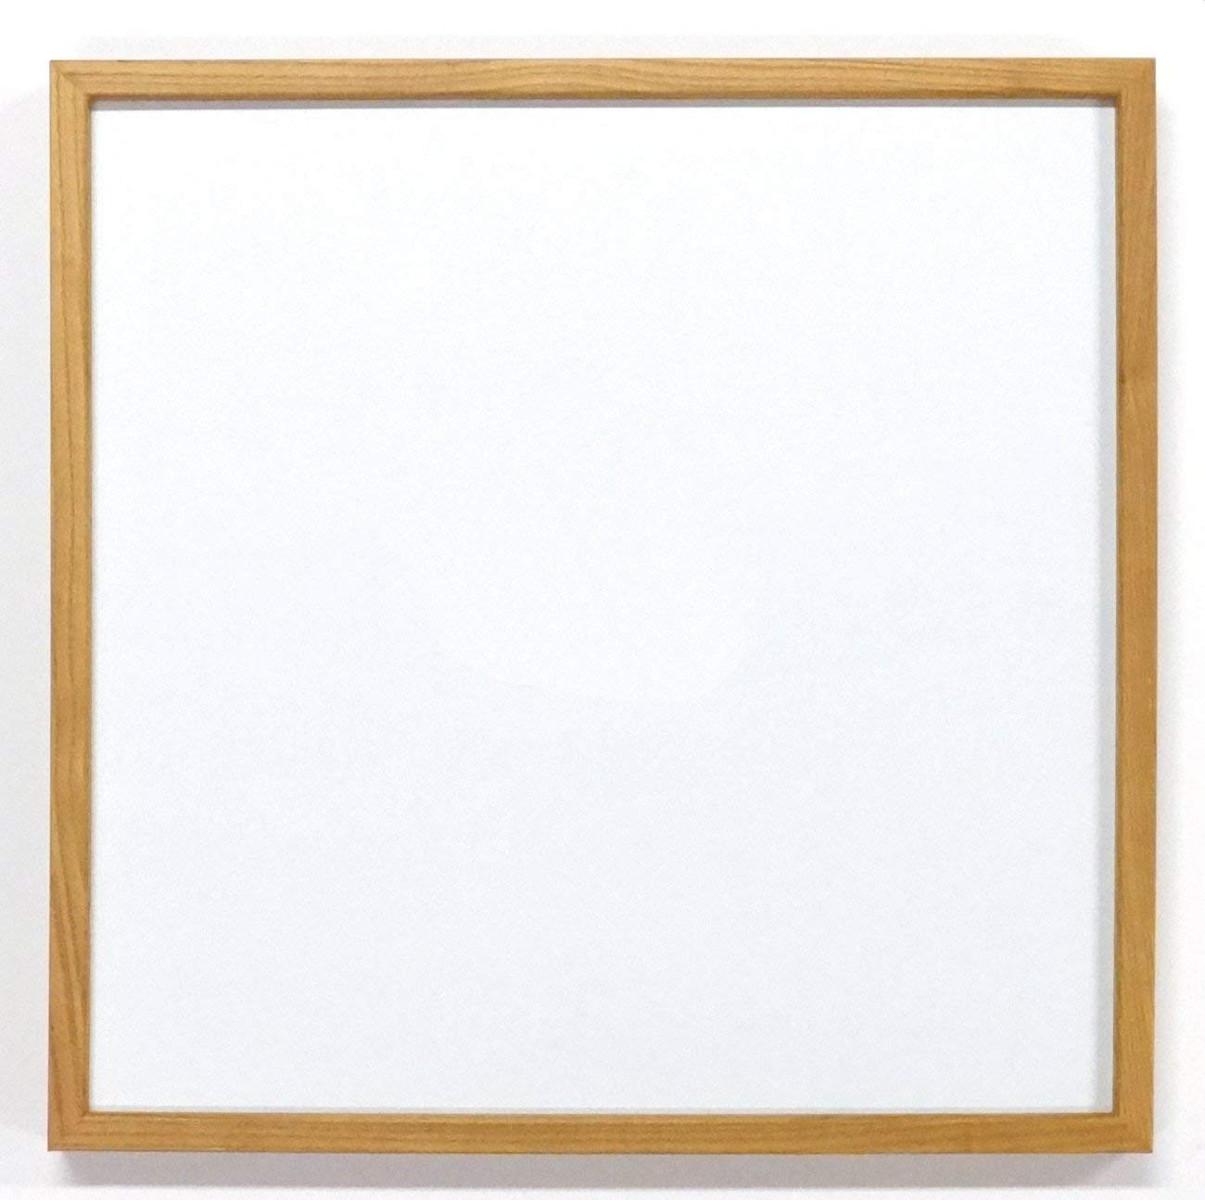 正方形額縁 L型 アクリル仕様 (20角・木地)